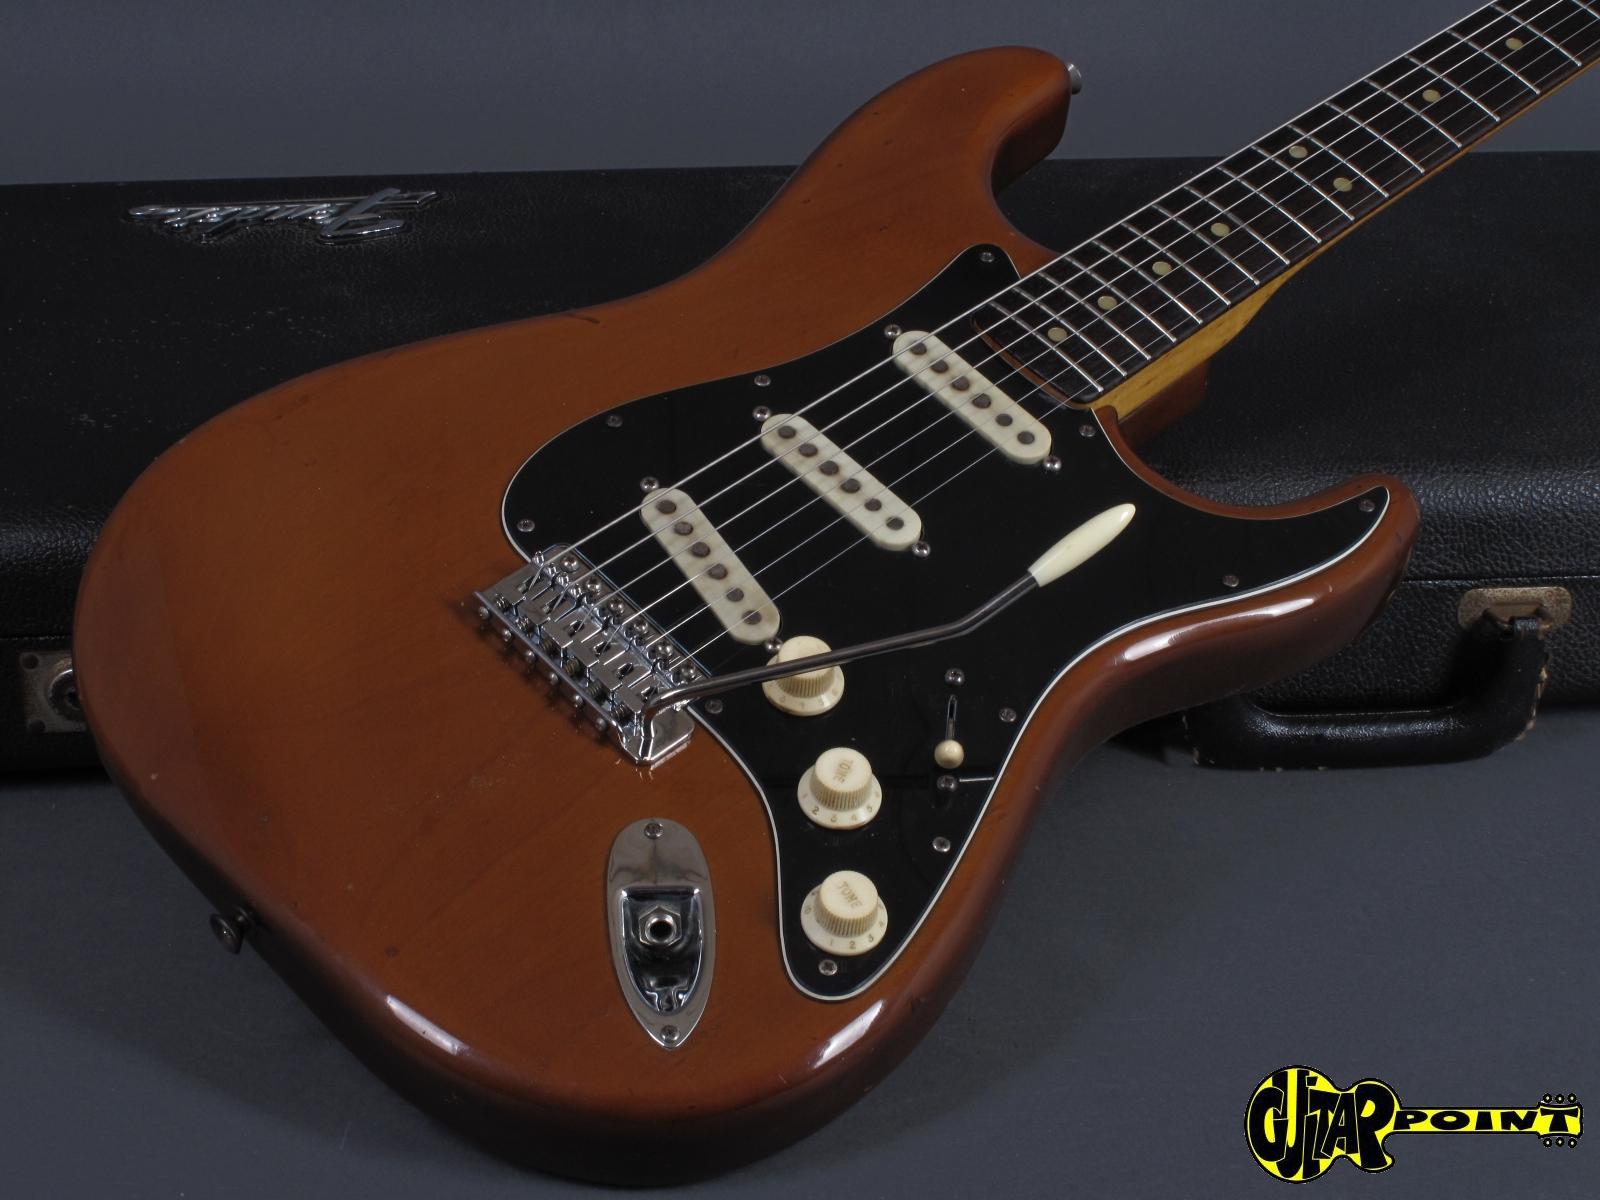 1974 fender stratocaster mocha rosewood neck vi74festrmoc569955. Black Bedroom Furniture Sets. Home Design Ideas